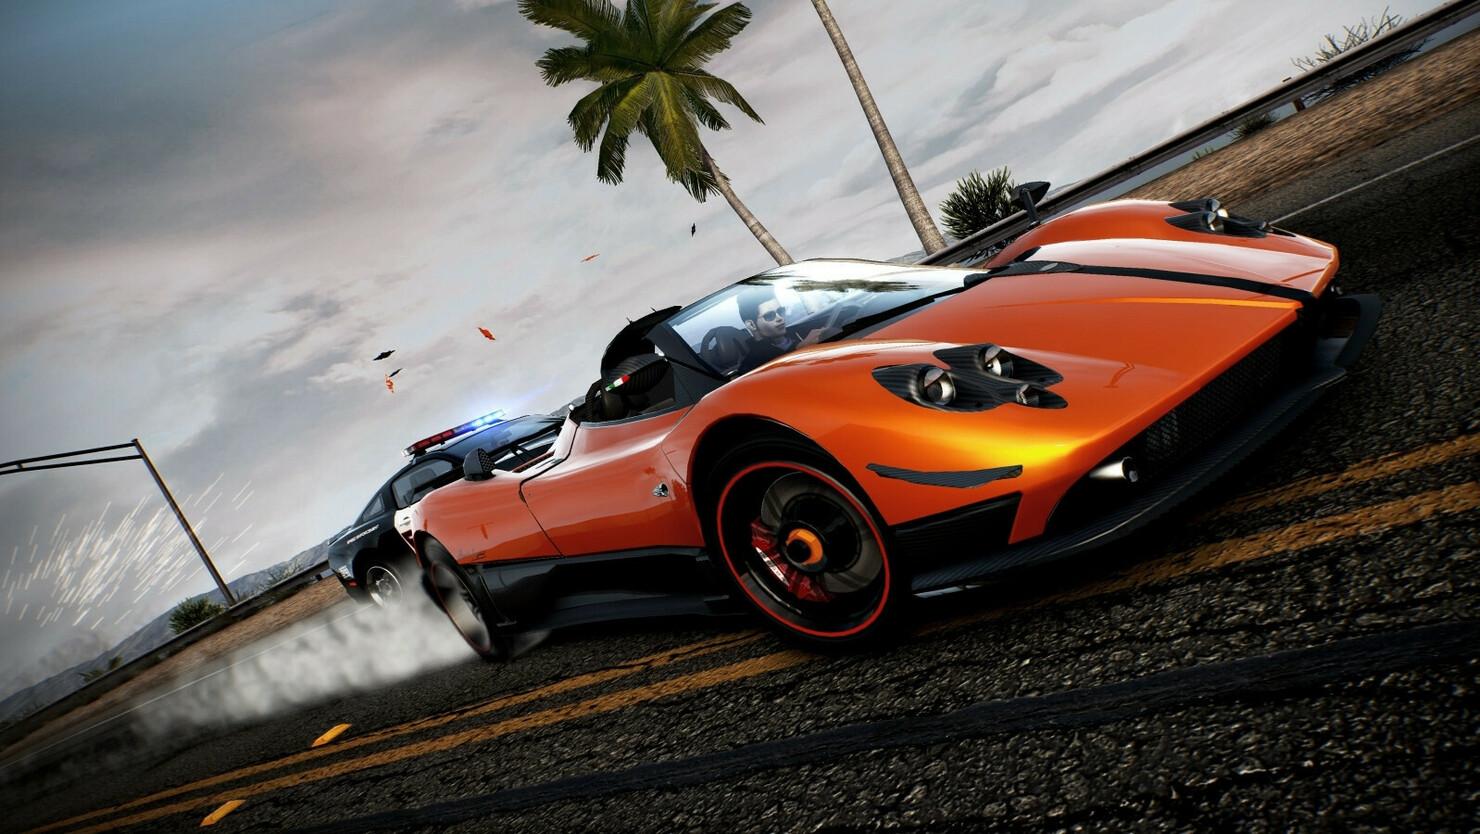 Кадры из игры Need for Speed: Hot Pursuit